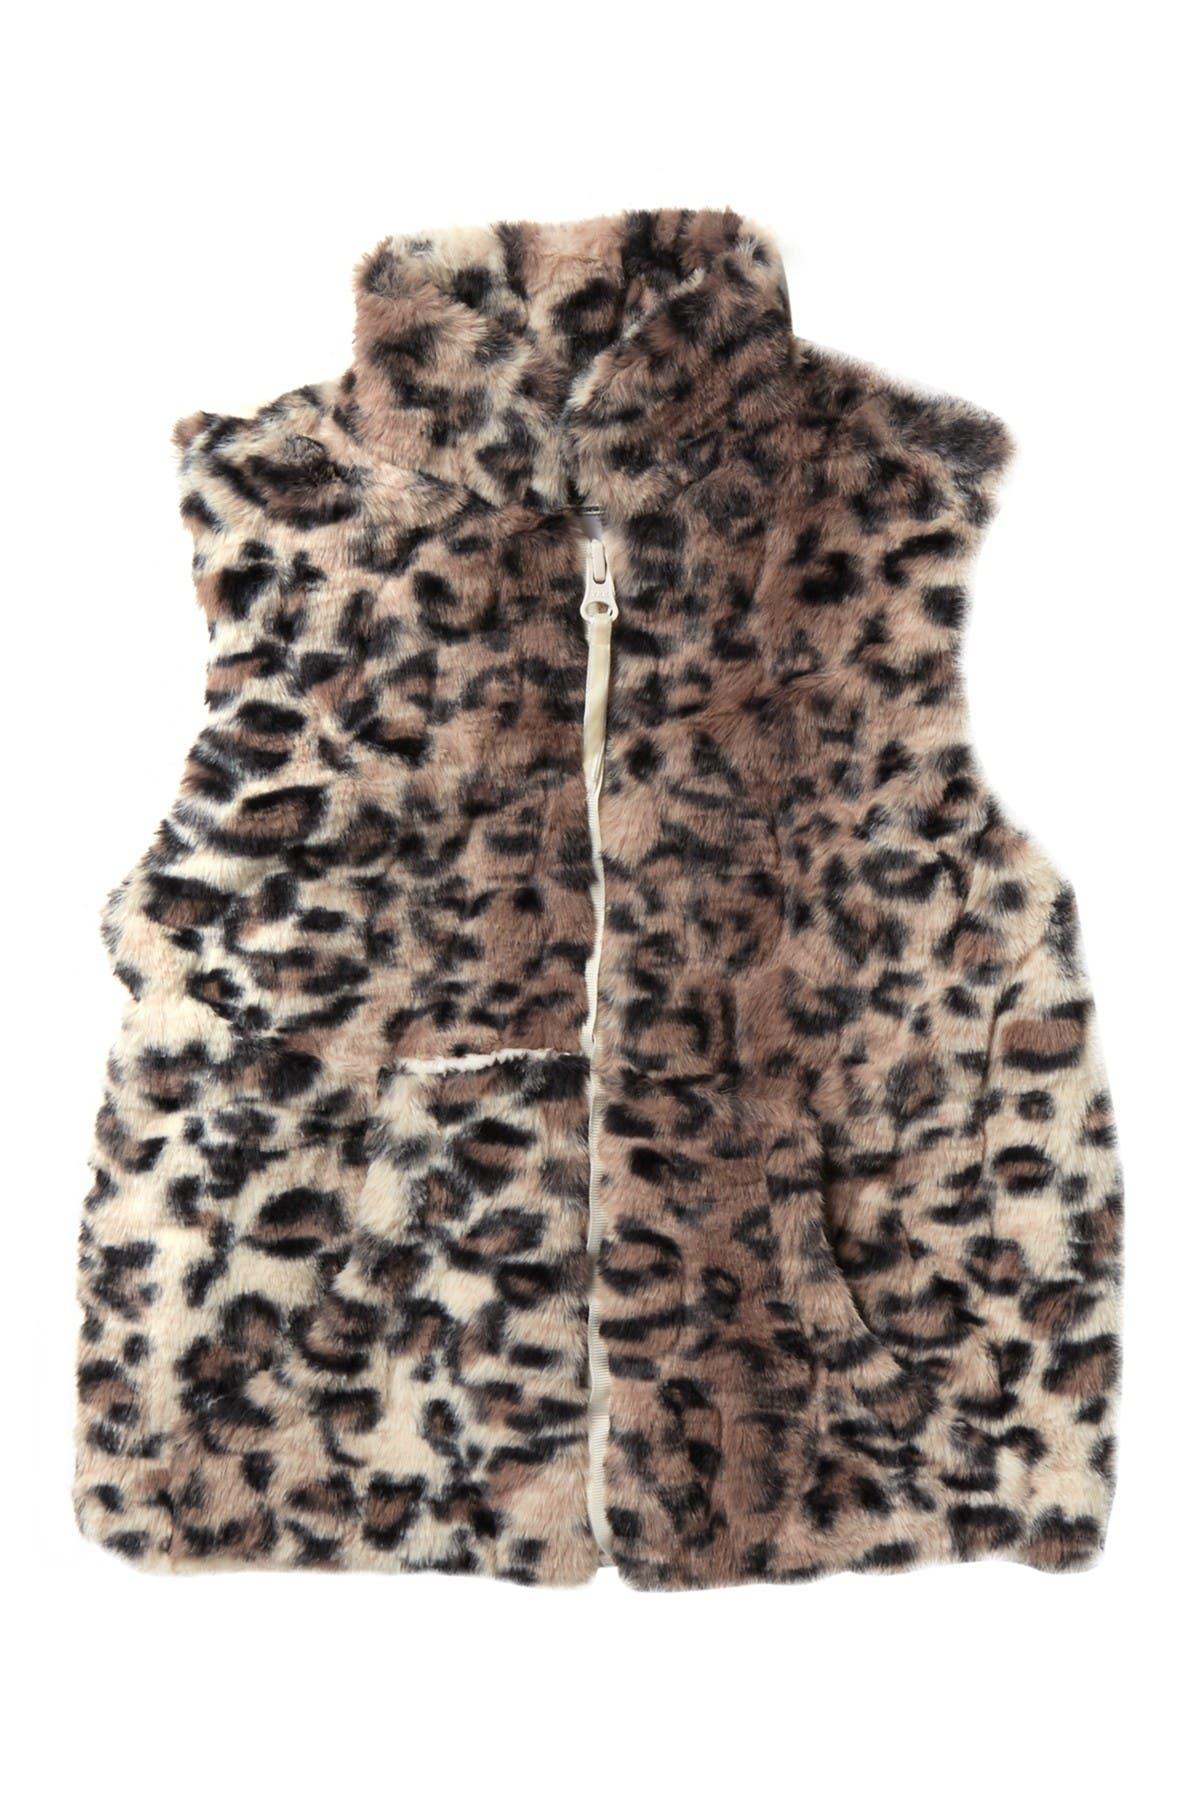 Image of WIDGEON Zippered Faux Fur Vest